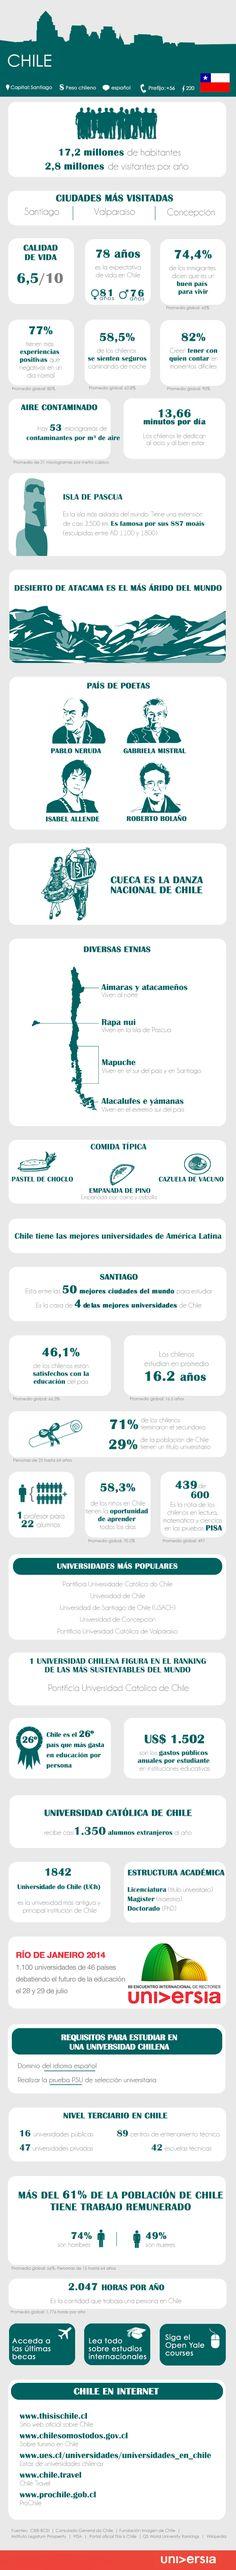 30 claves para estudiar y trabajar en Chile #infografia